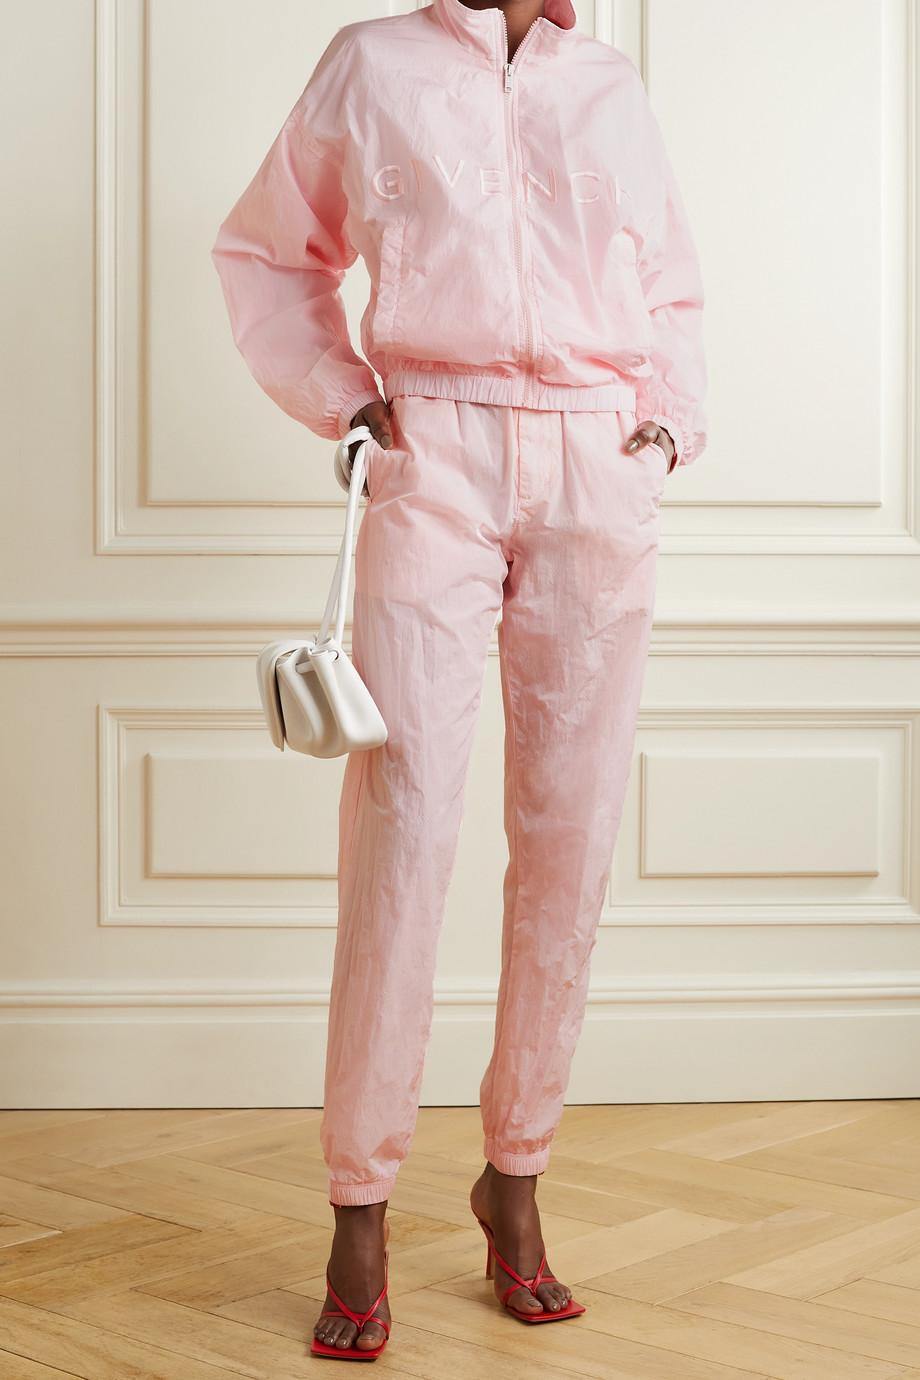 Givenchy Veste de survêtement en tissu technique à broderies